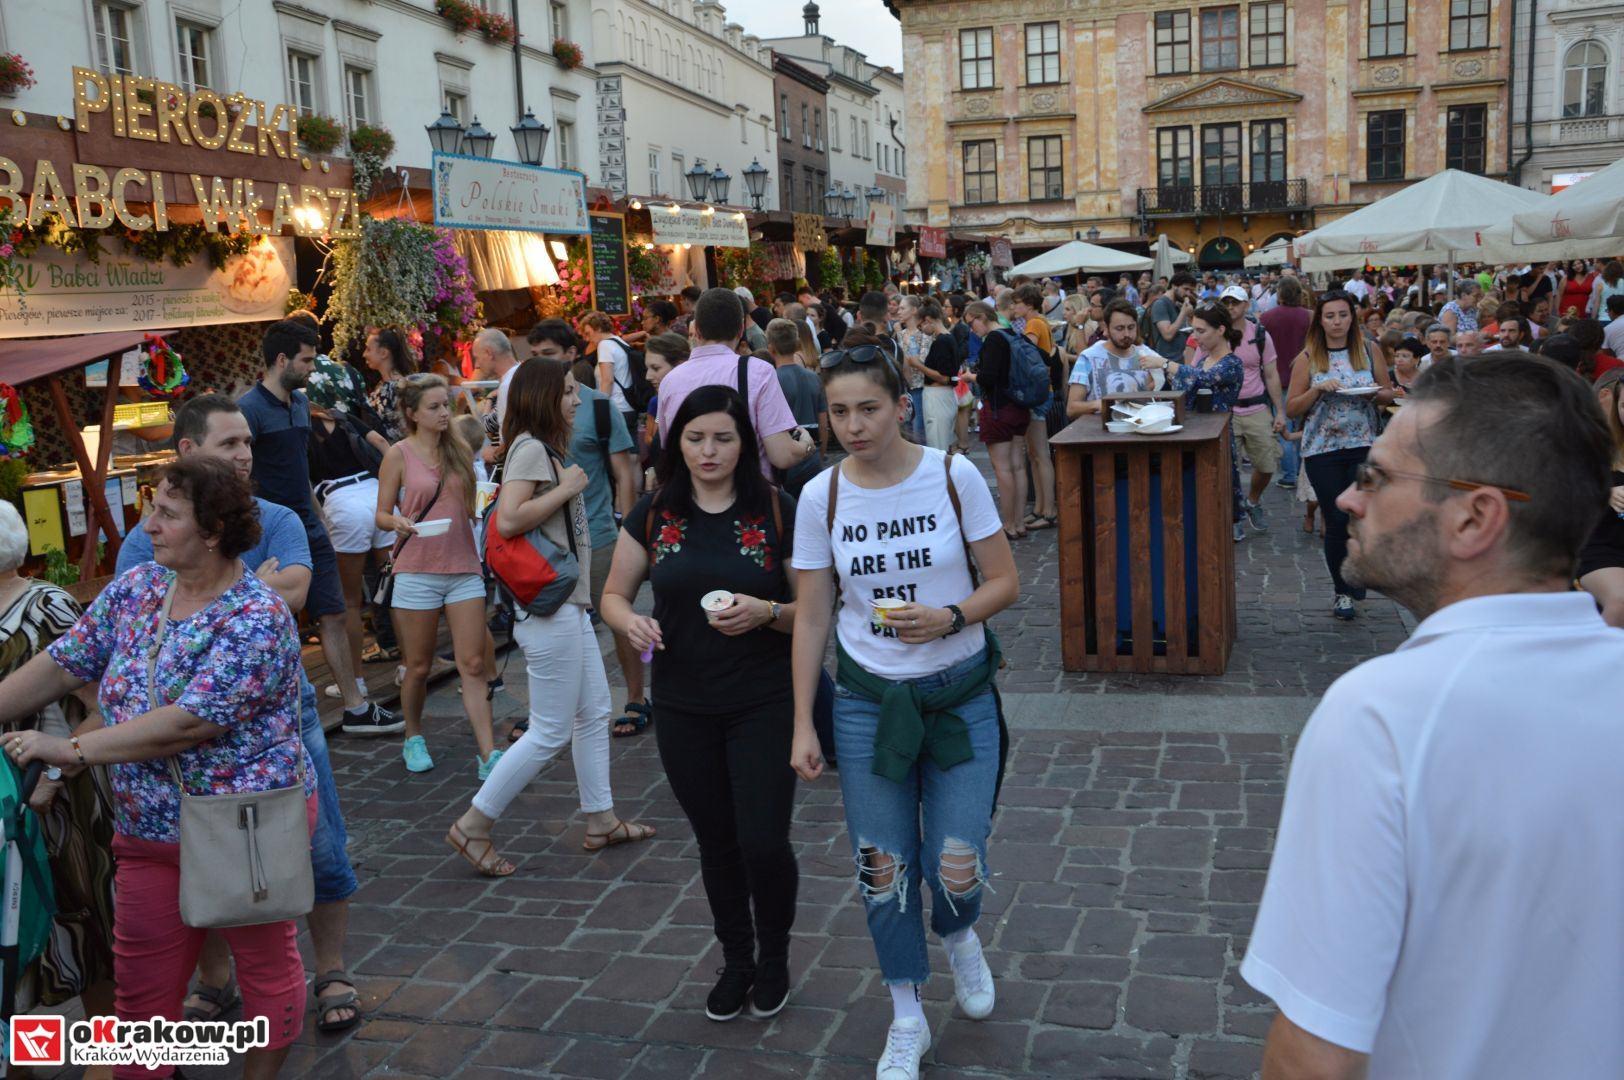 krakow festiwal pierogow maly rynek koncert cheap tobacco 134 150x150 - Galeria zdjęć Festiwal Pierogów Kraków 2018 + zdjęcia z koncertu Cheap Tobacco